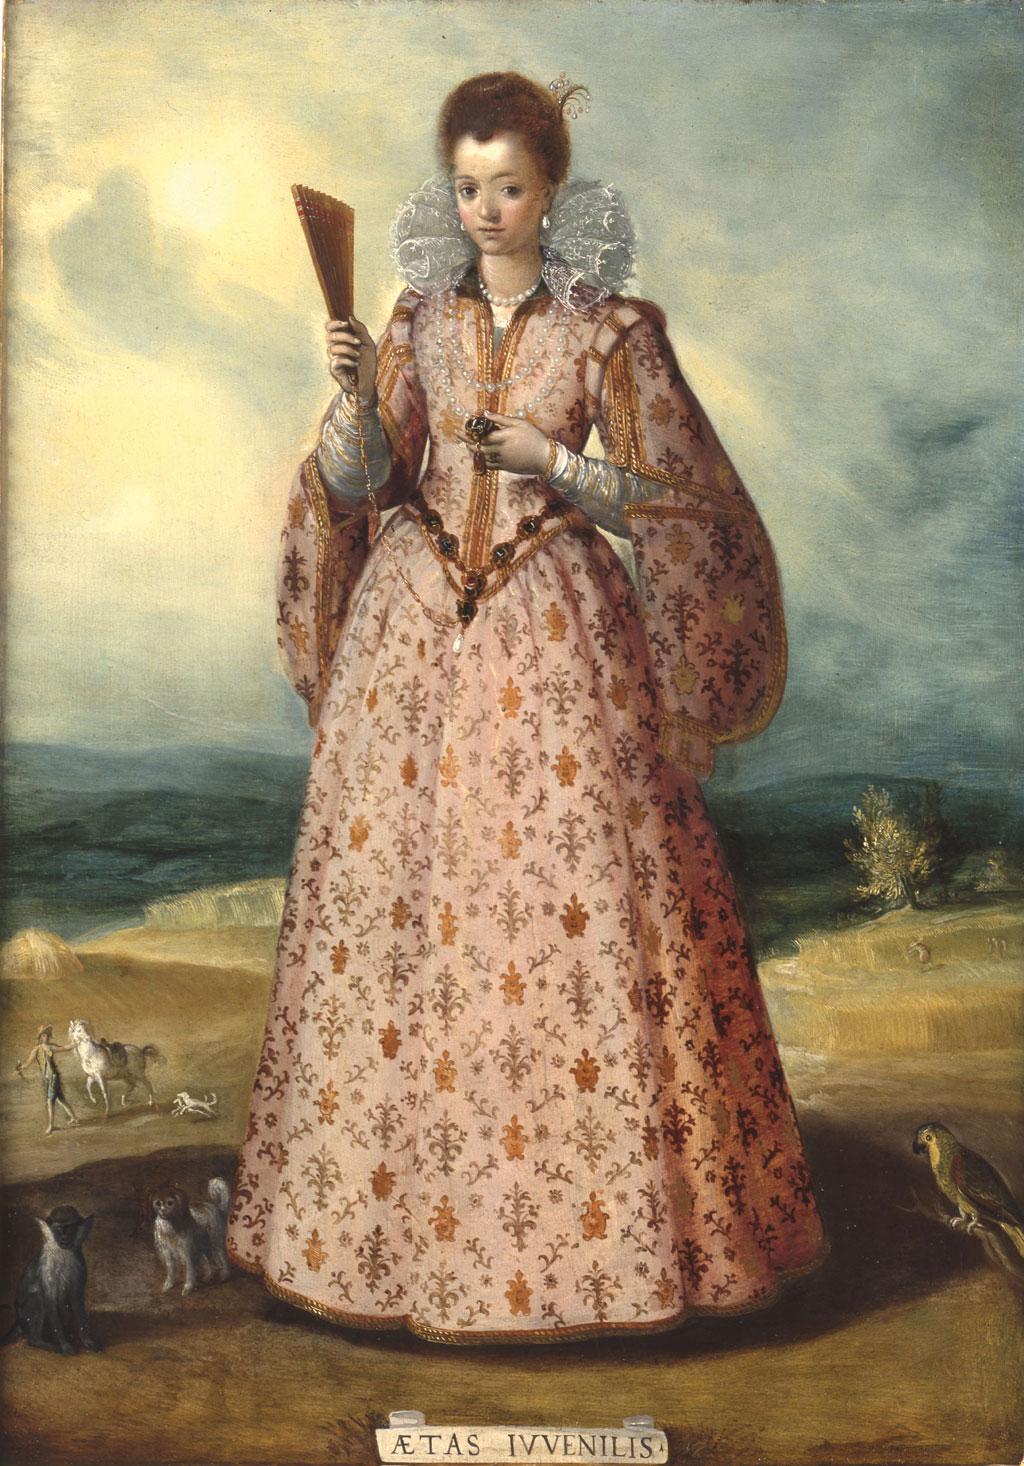 1580-1600 santi_di_tito la jeunesse musee fesch